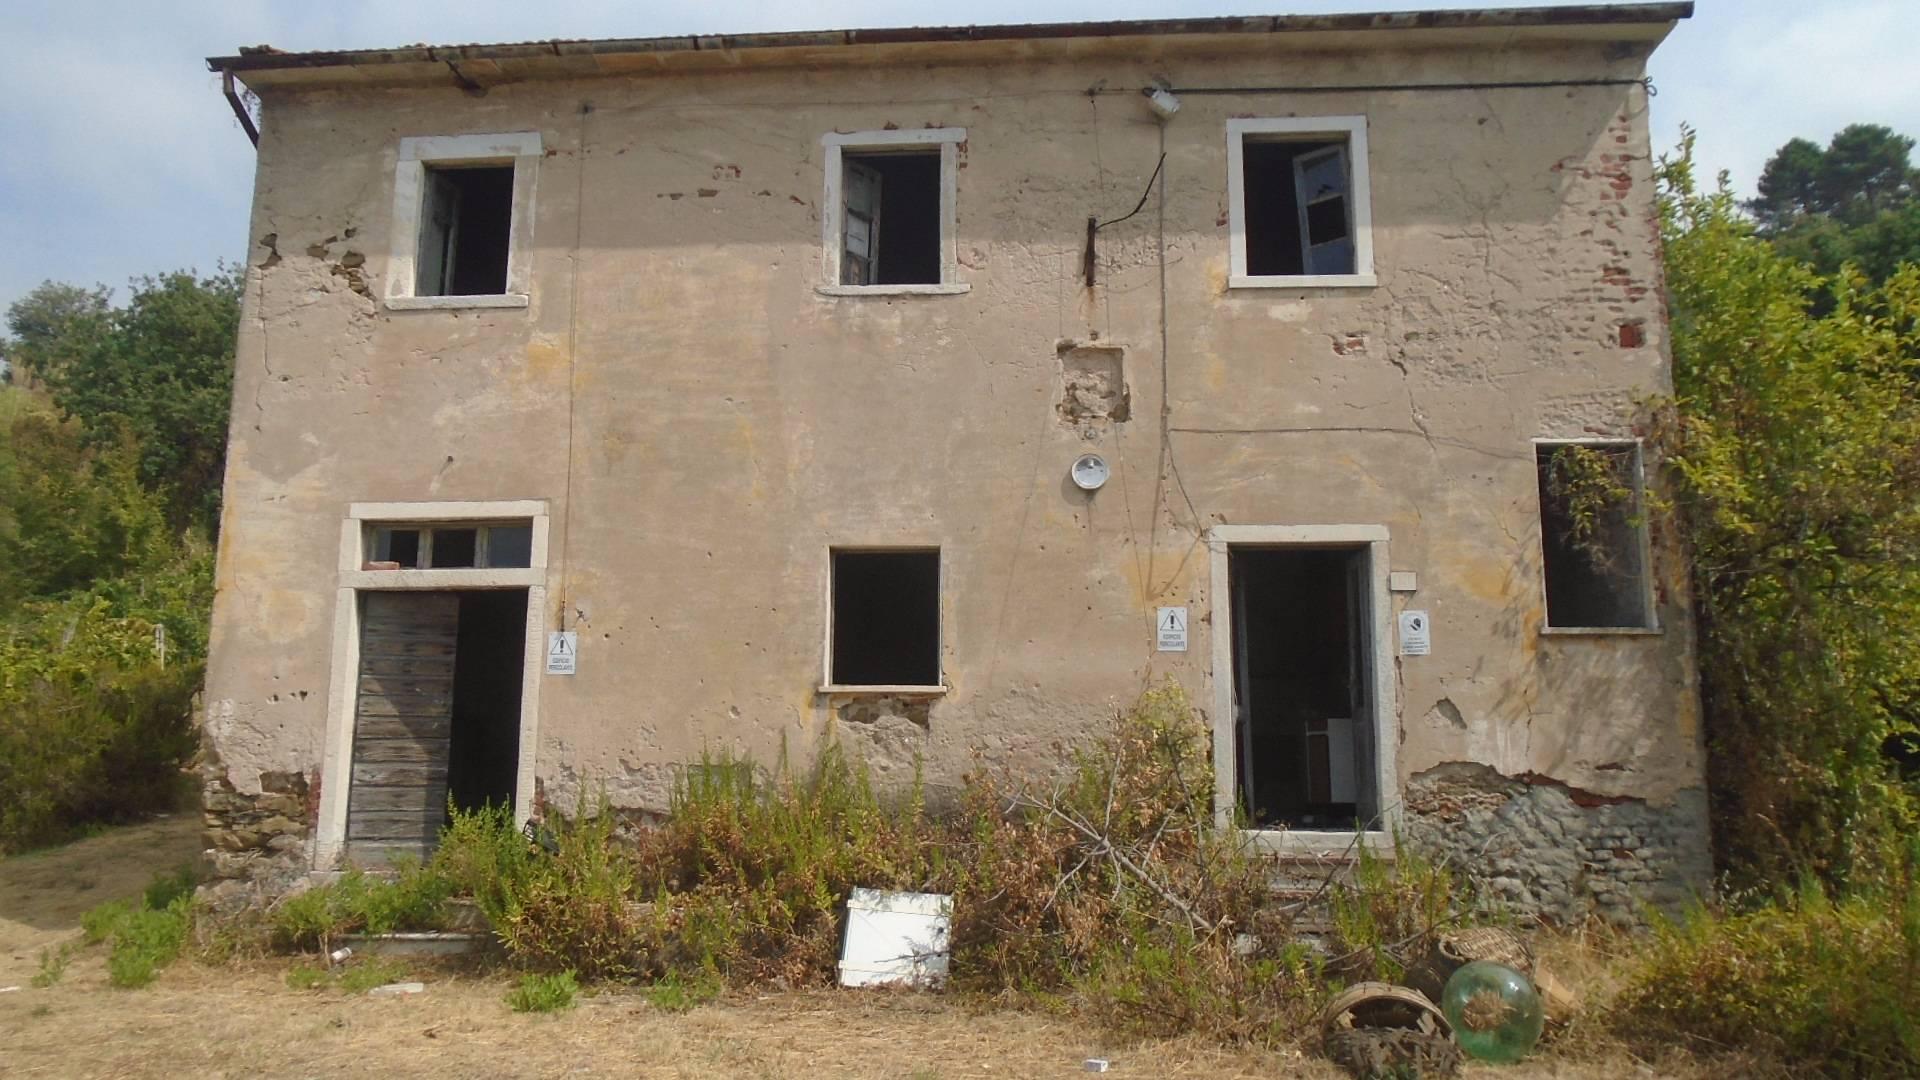 Rustico / Casale in vendita a Carrara, 8 locali, zona Località: Bonascola, prezzo € 300.000 | CambioCasa.it